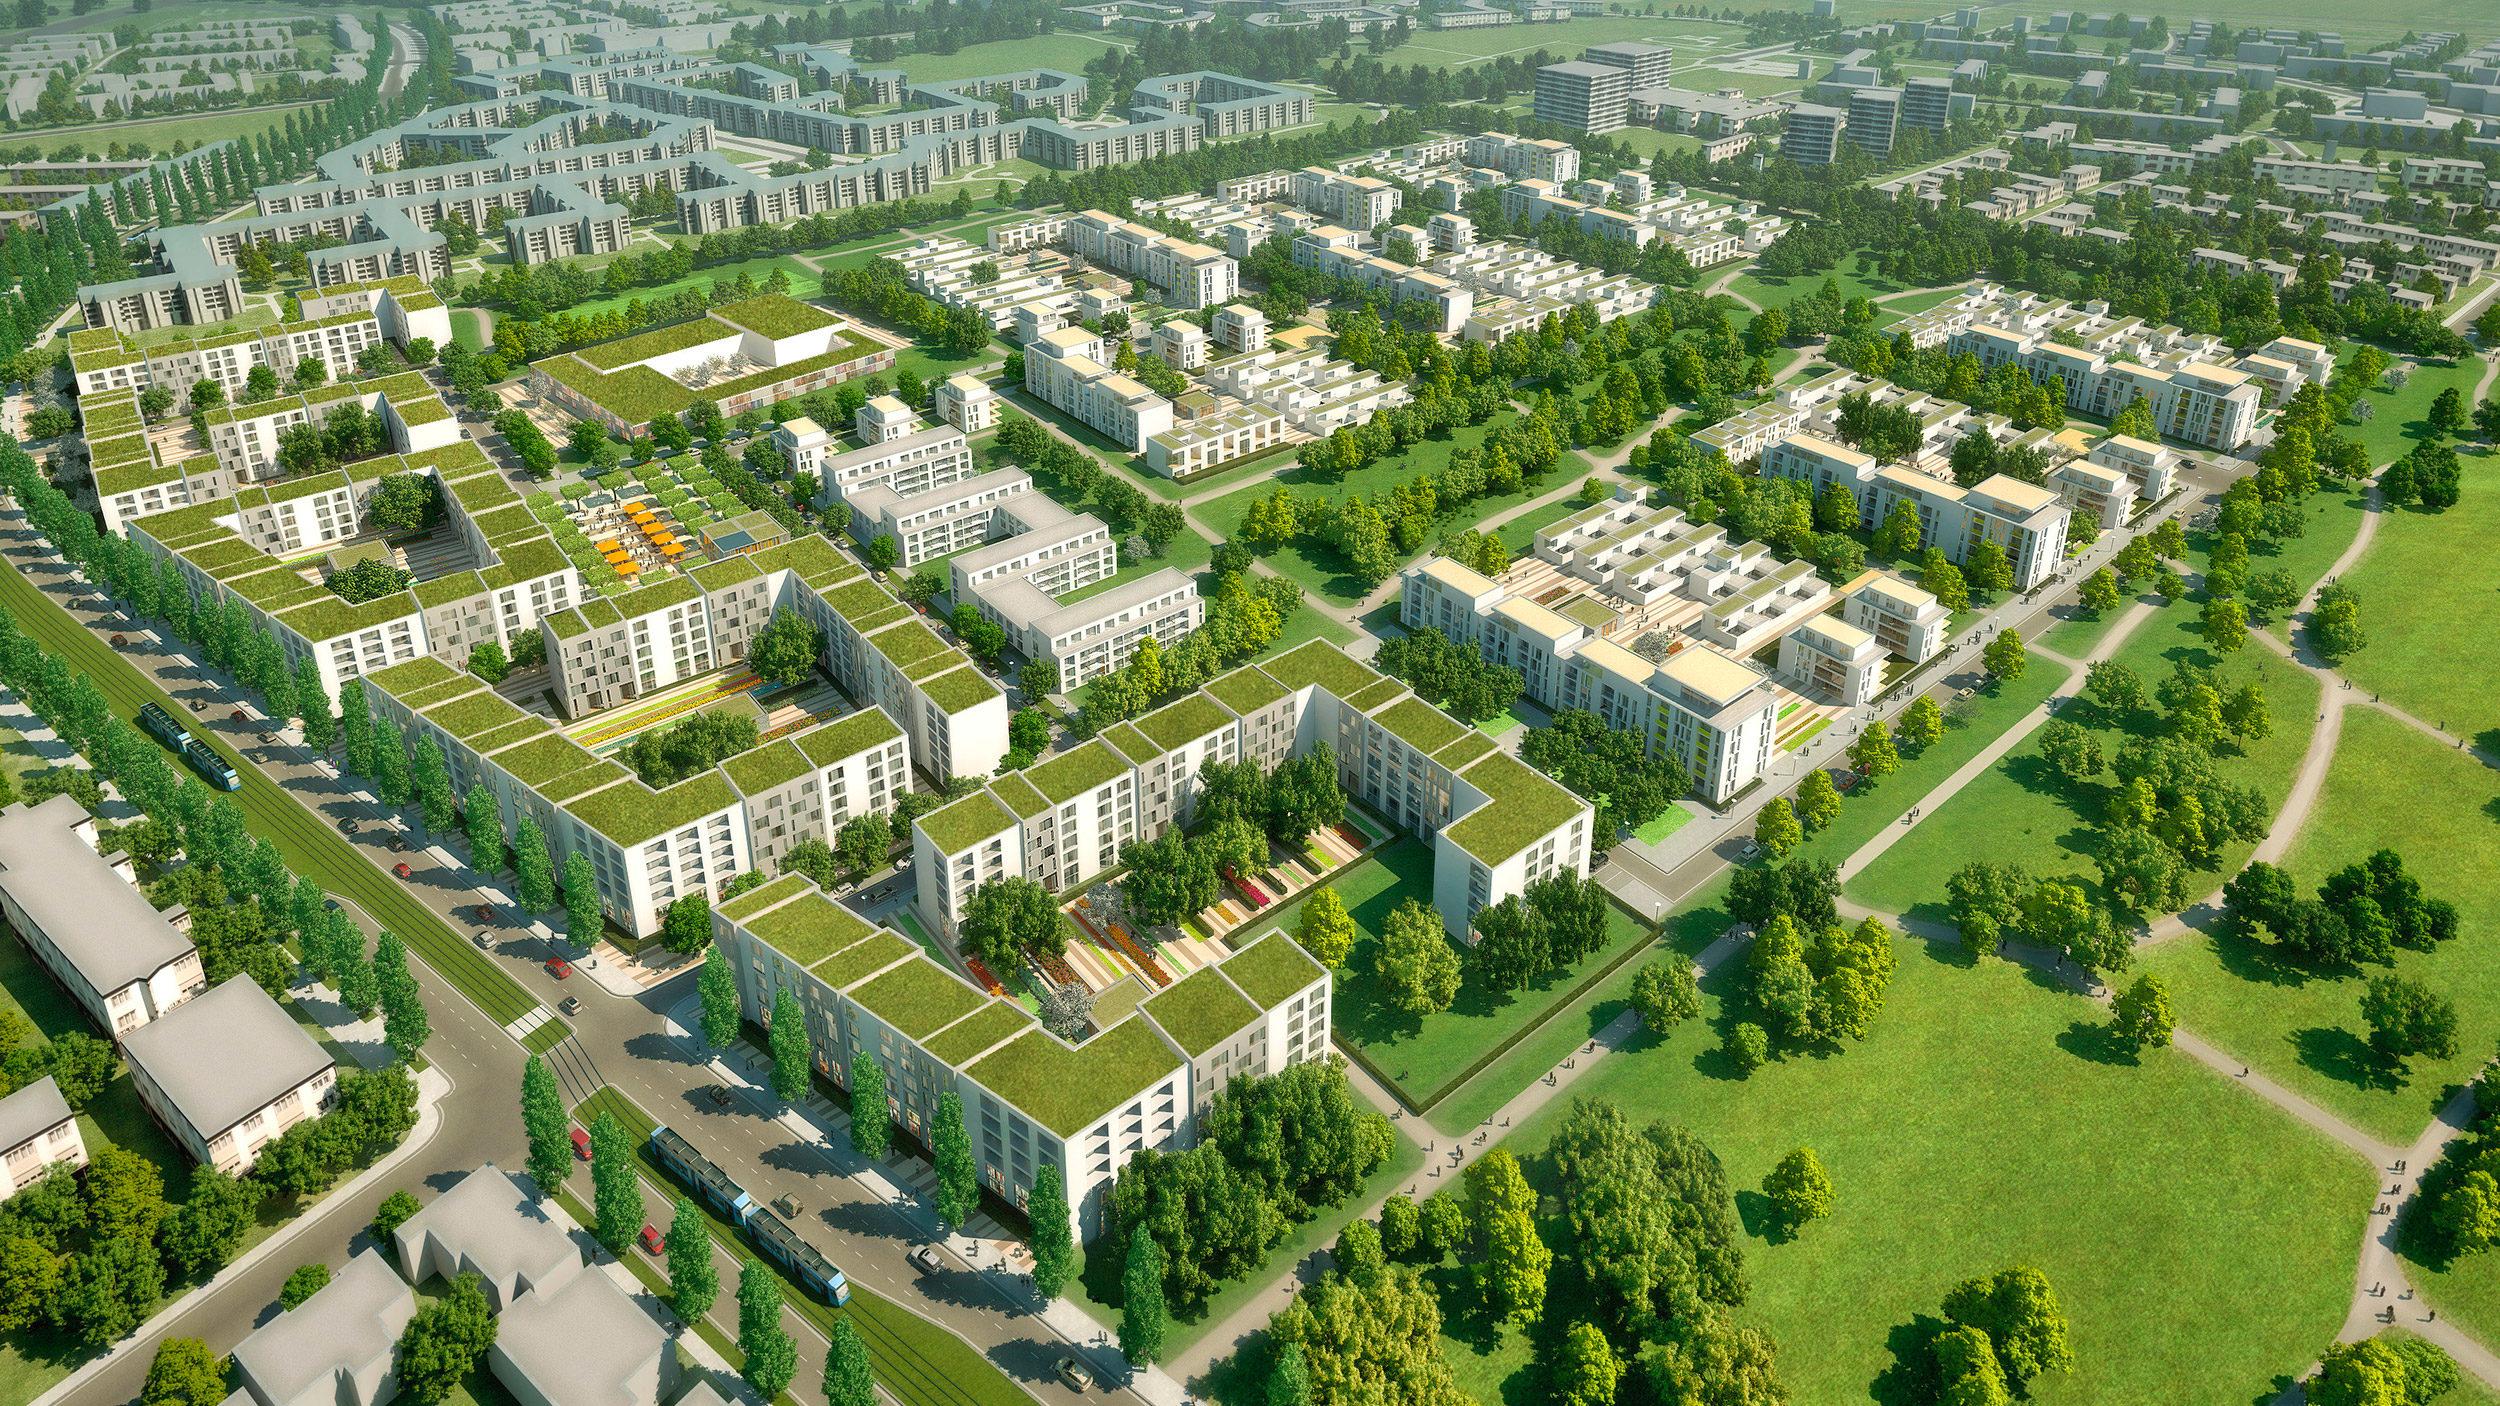 Prinz Eugen Kaserne, München - GSP Architekten